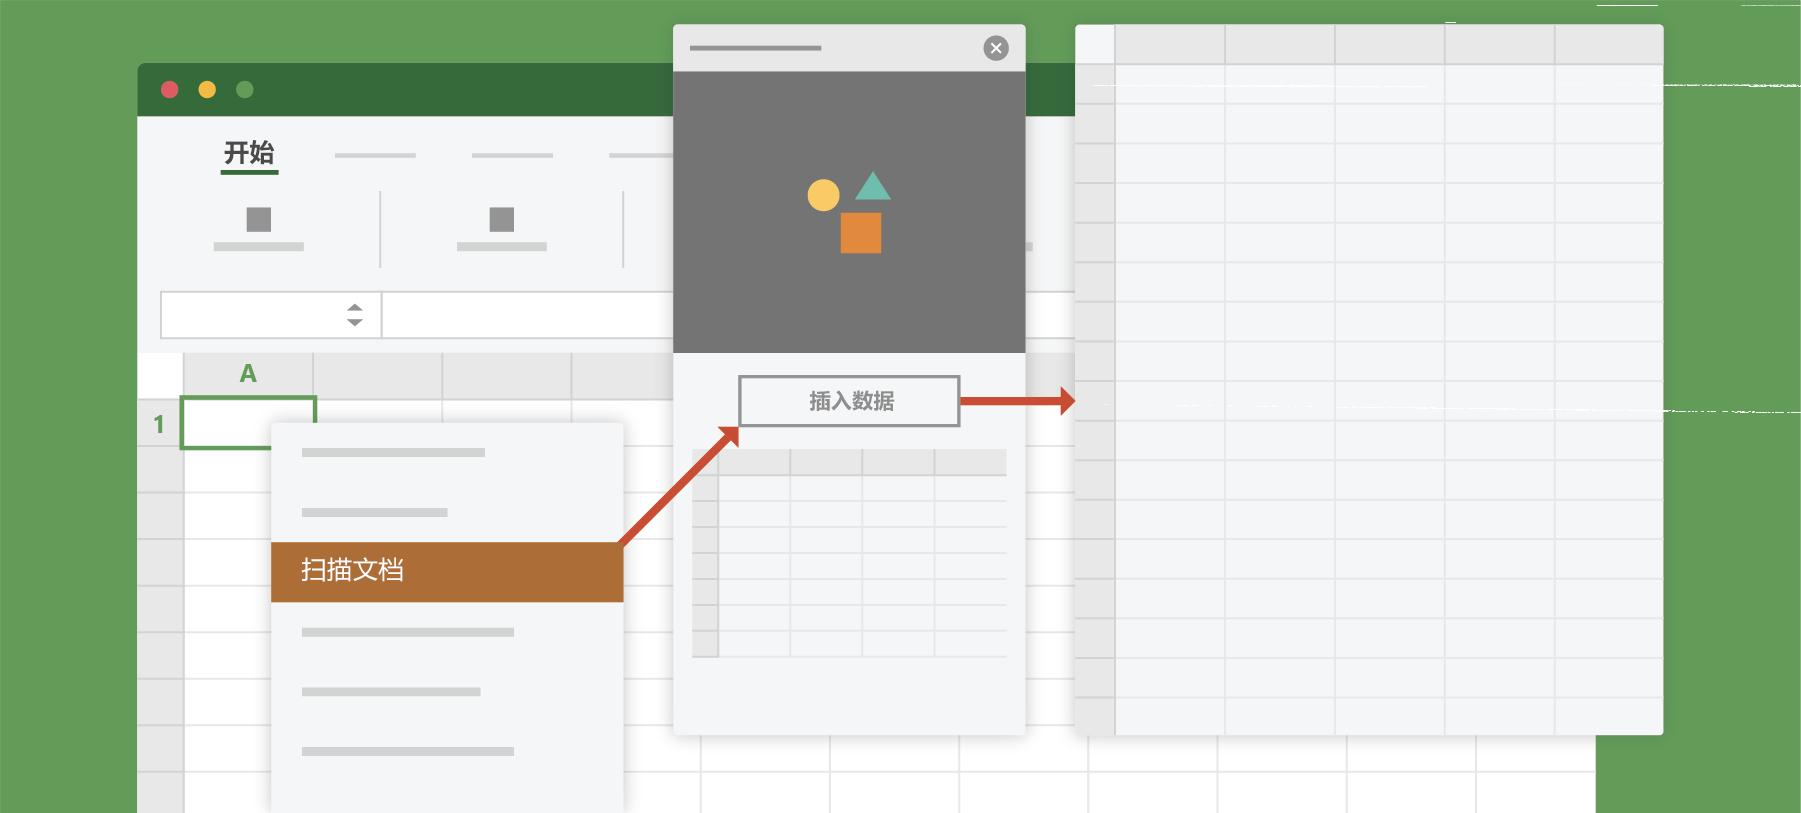 """在 Excel 中显示""""扫描文档""""选项"""